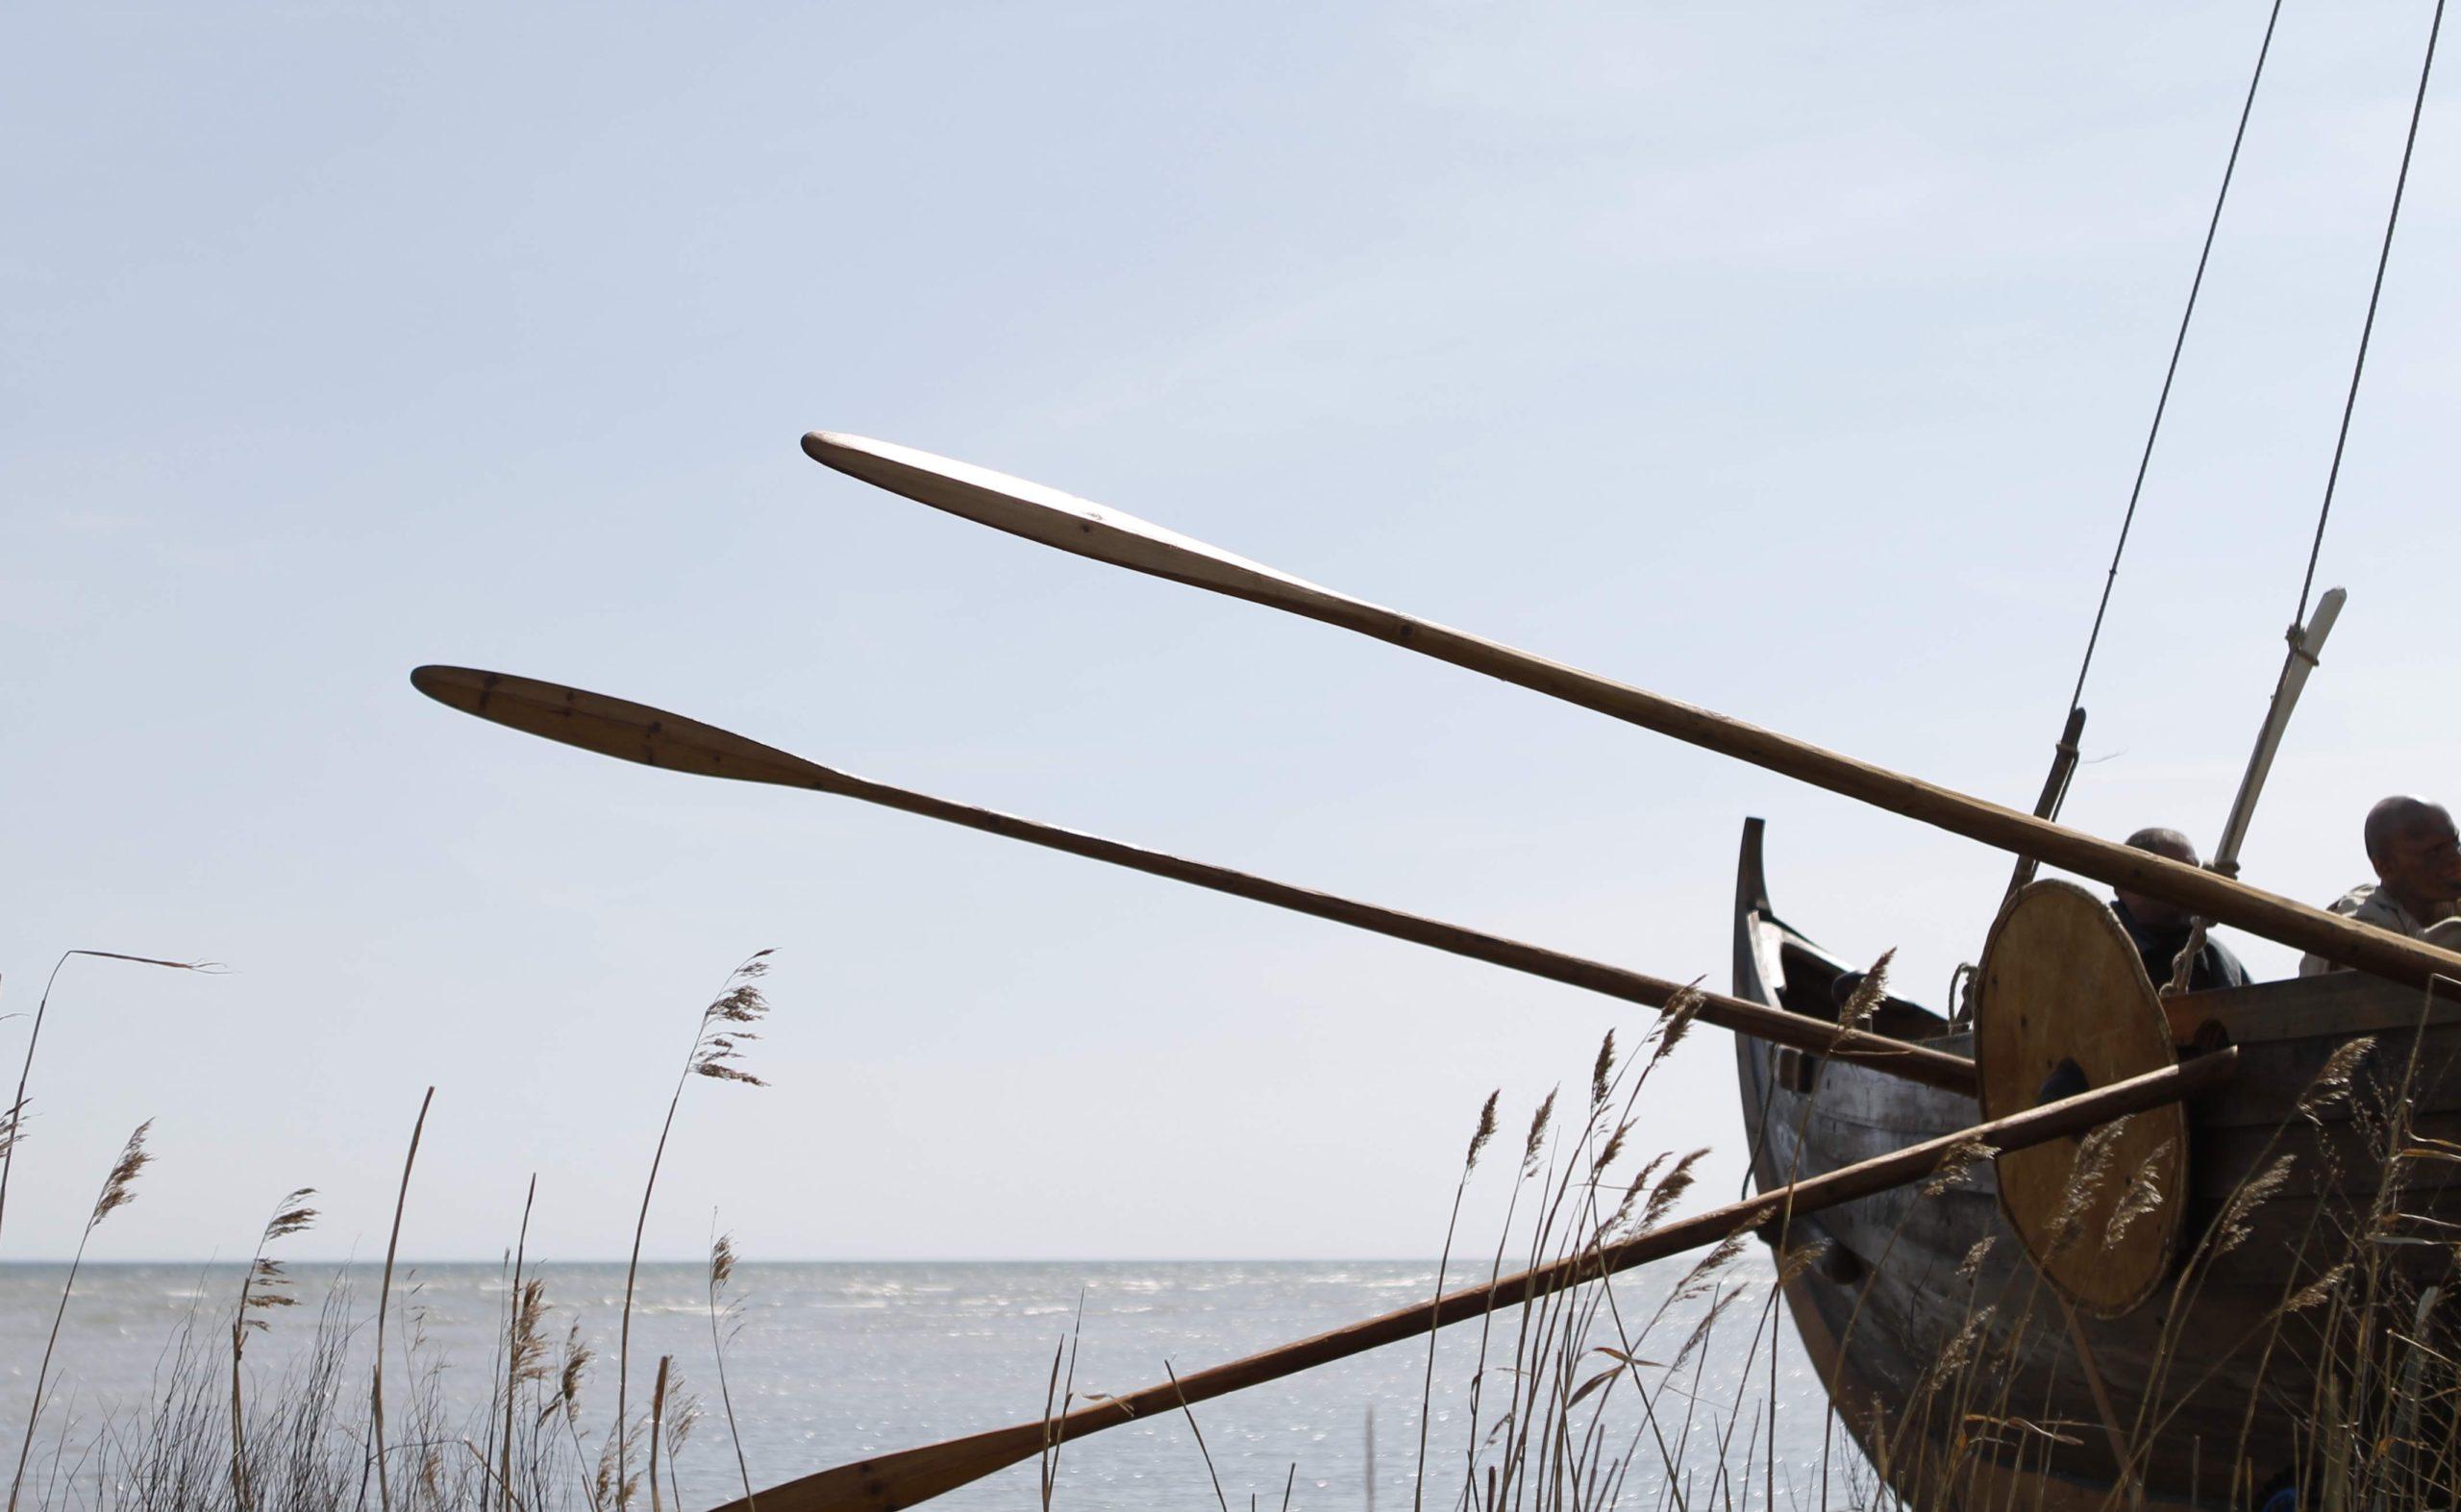 Viikingi paat Saaremaal merele minemas